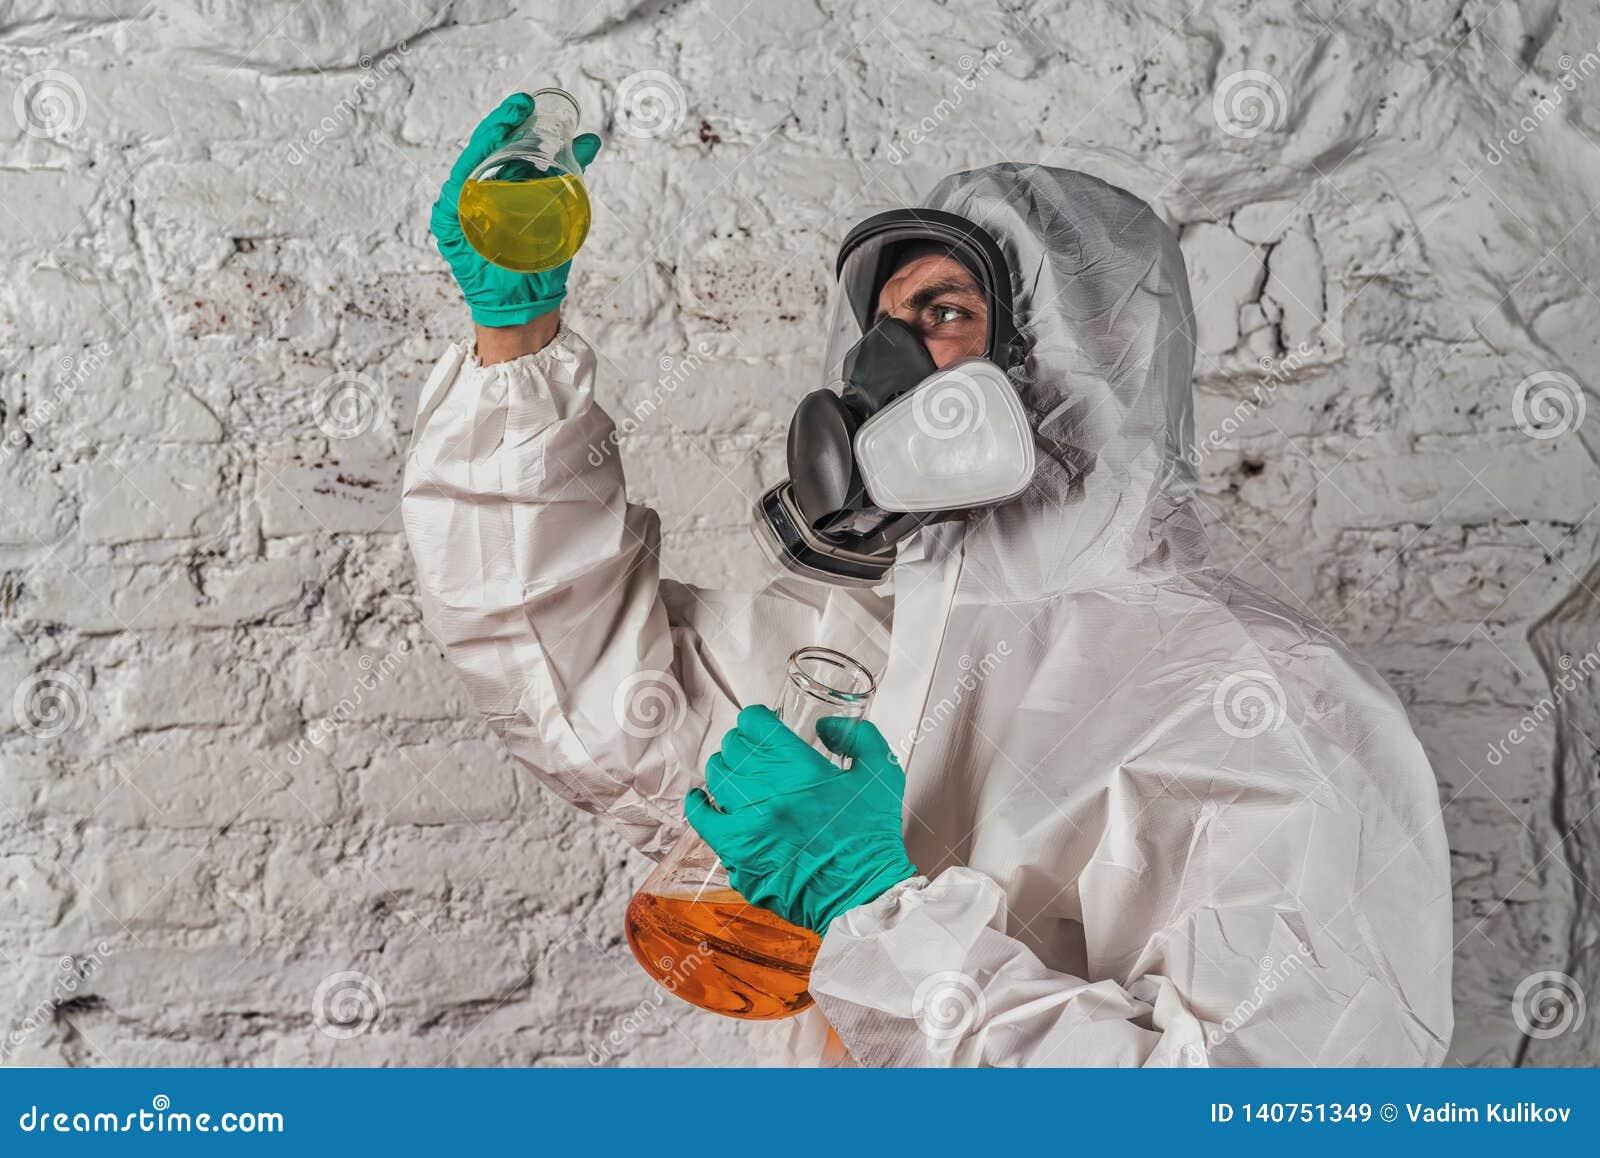 Chercheur masculin analysant le réactif liquide en verrerie de laboratoire